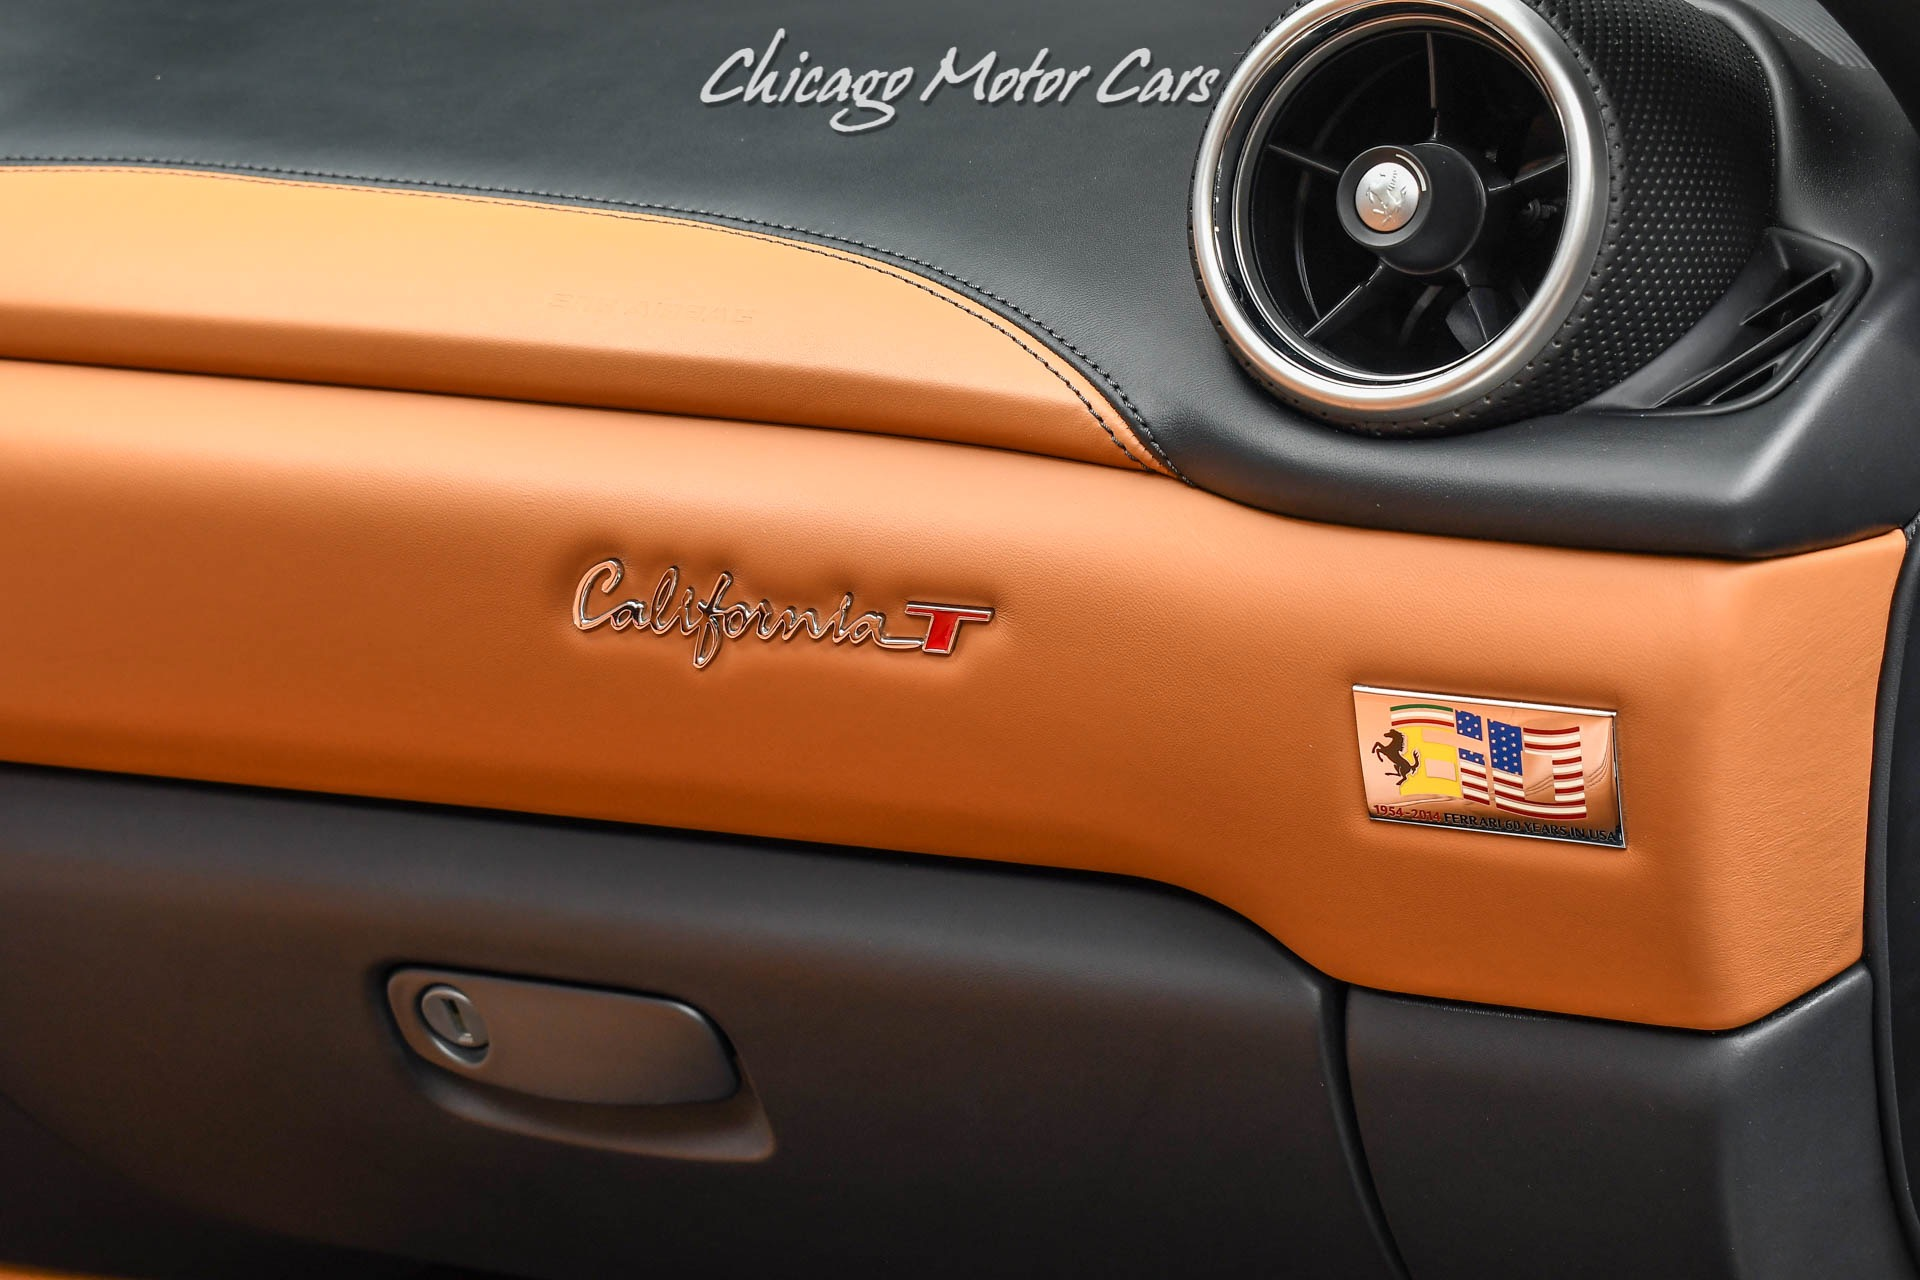 Used-2015-Ferrari-California-T-Fully-Electric-Heated-Seats-Scuderia-Shields-Hot-Color-Combo